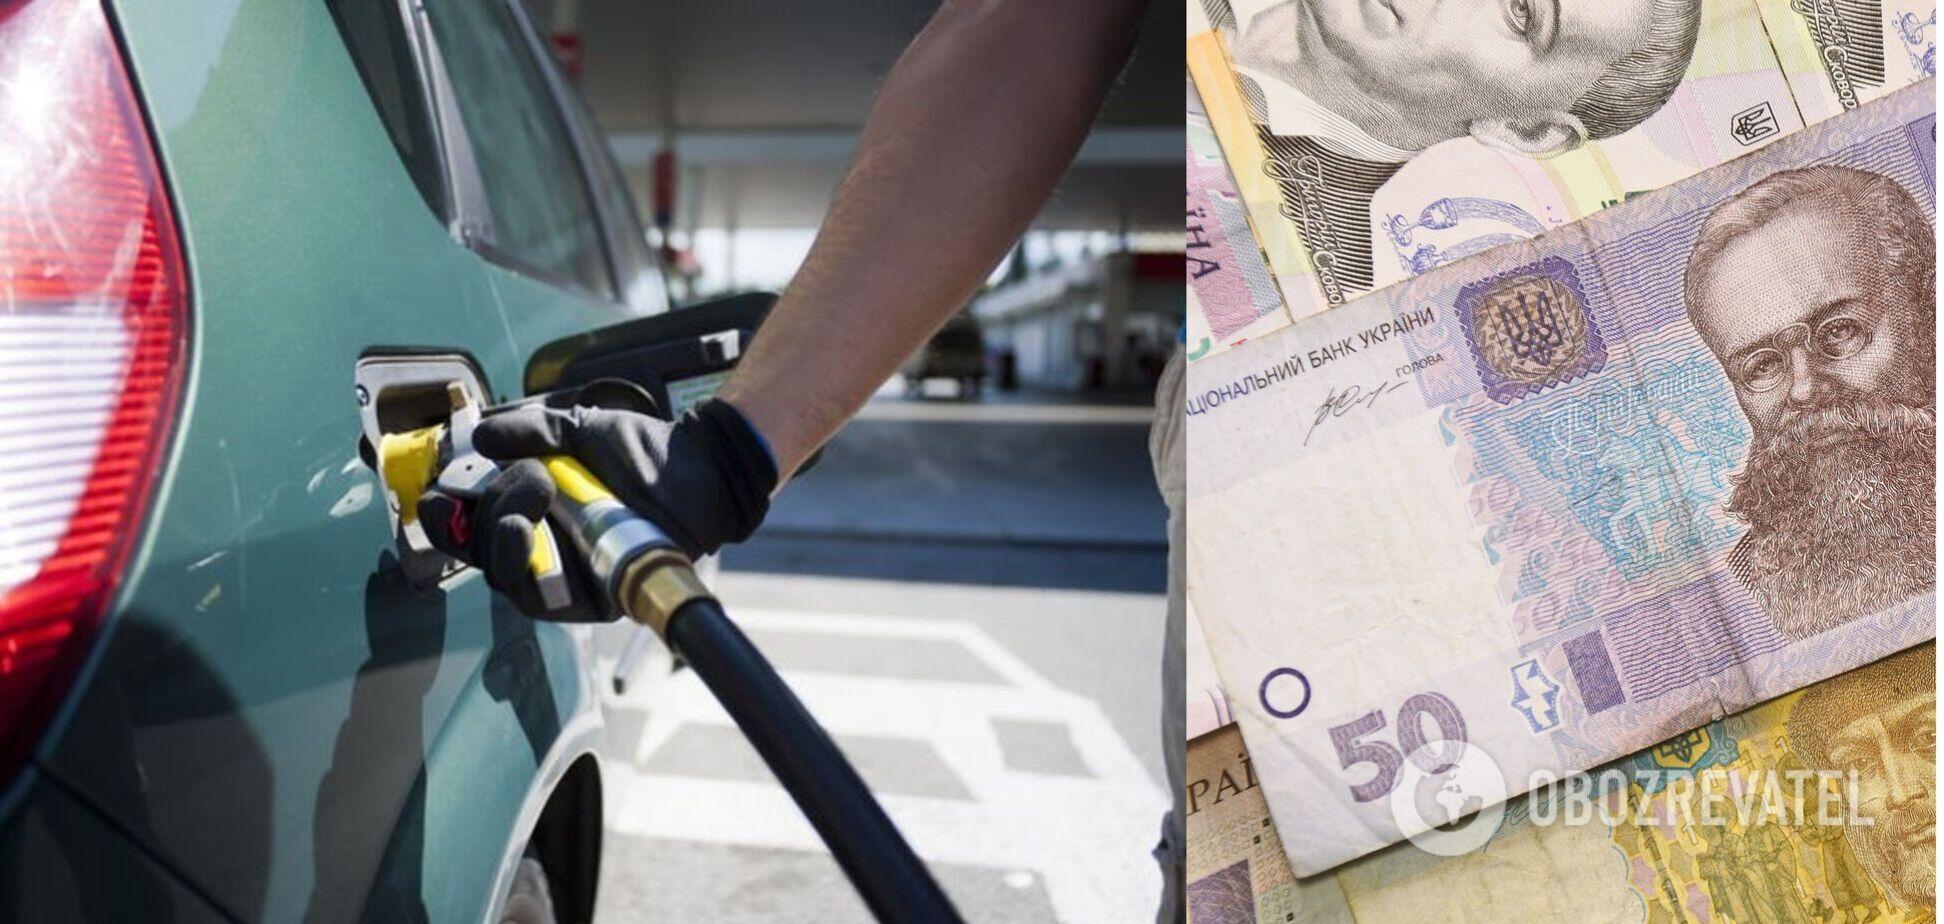 Імпорт автогазу в Україні впав на 25%: що буде з цінами